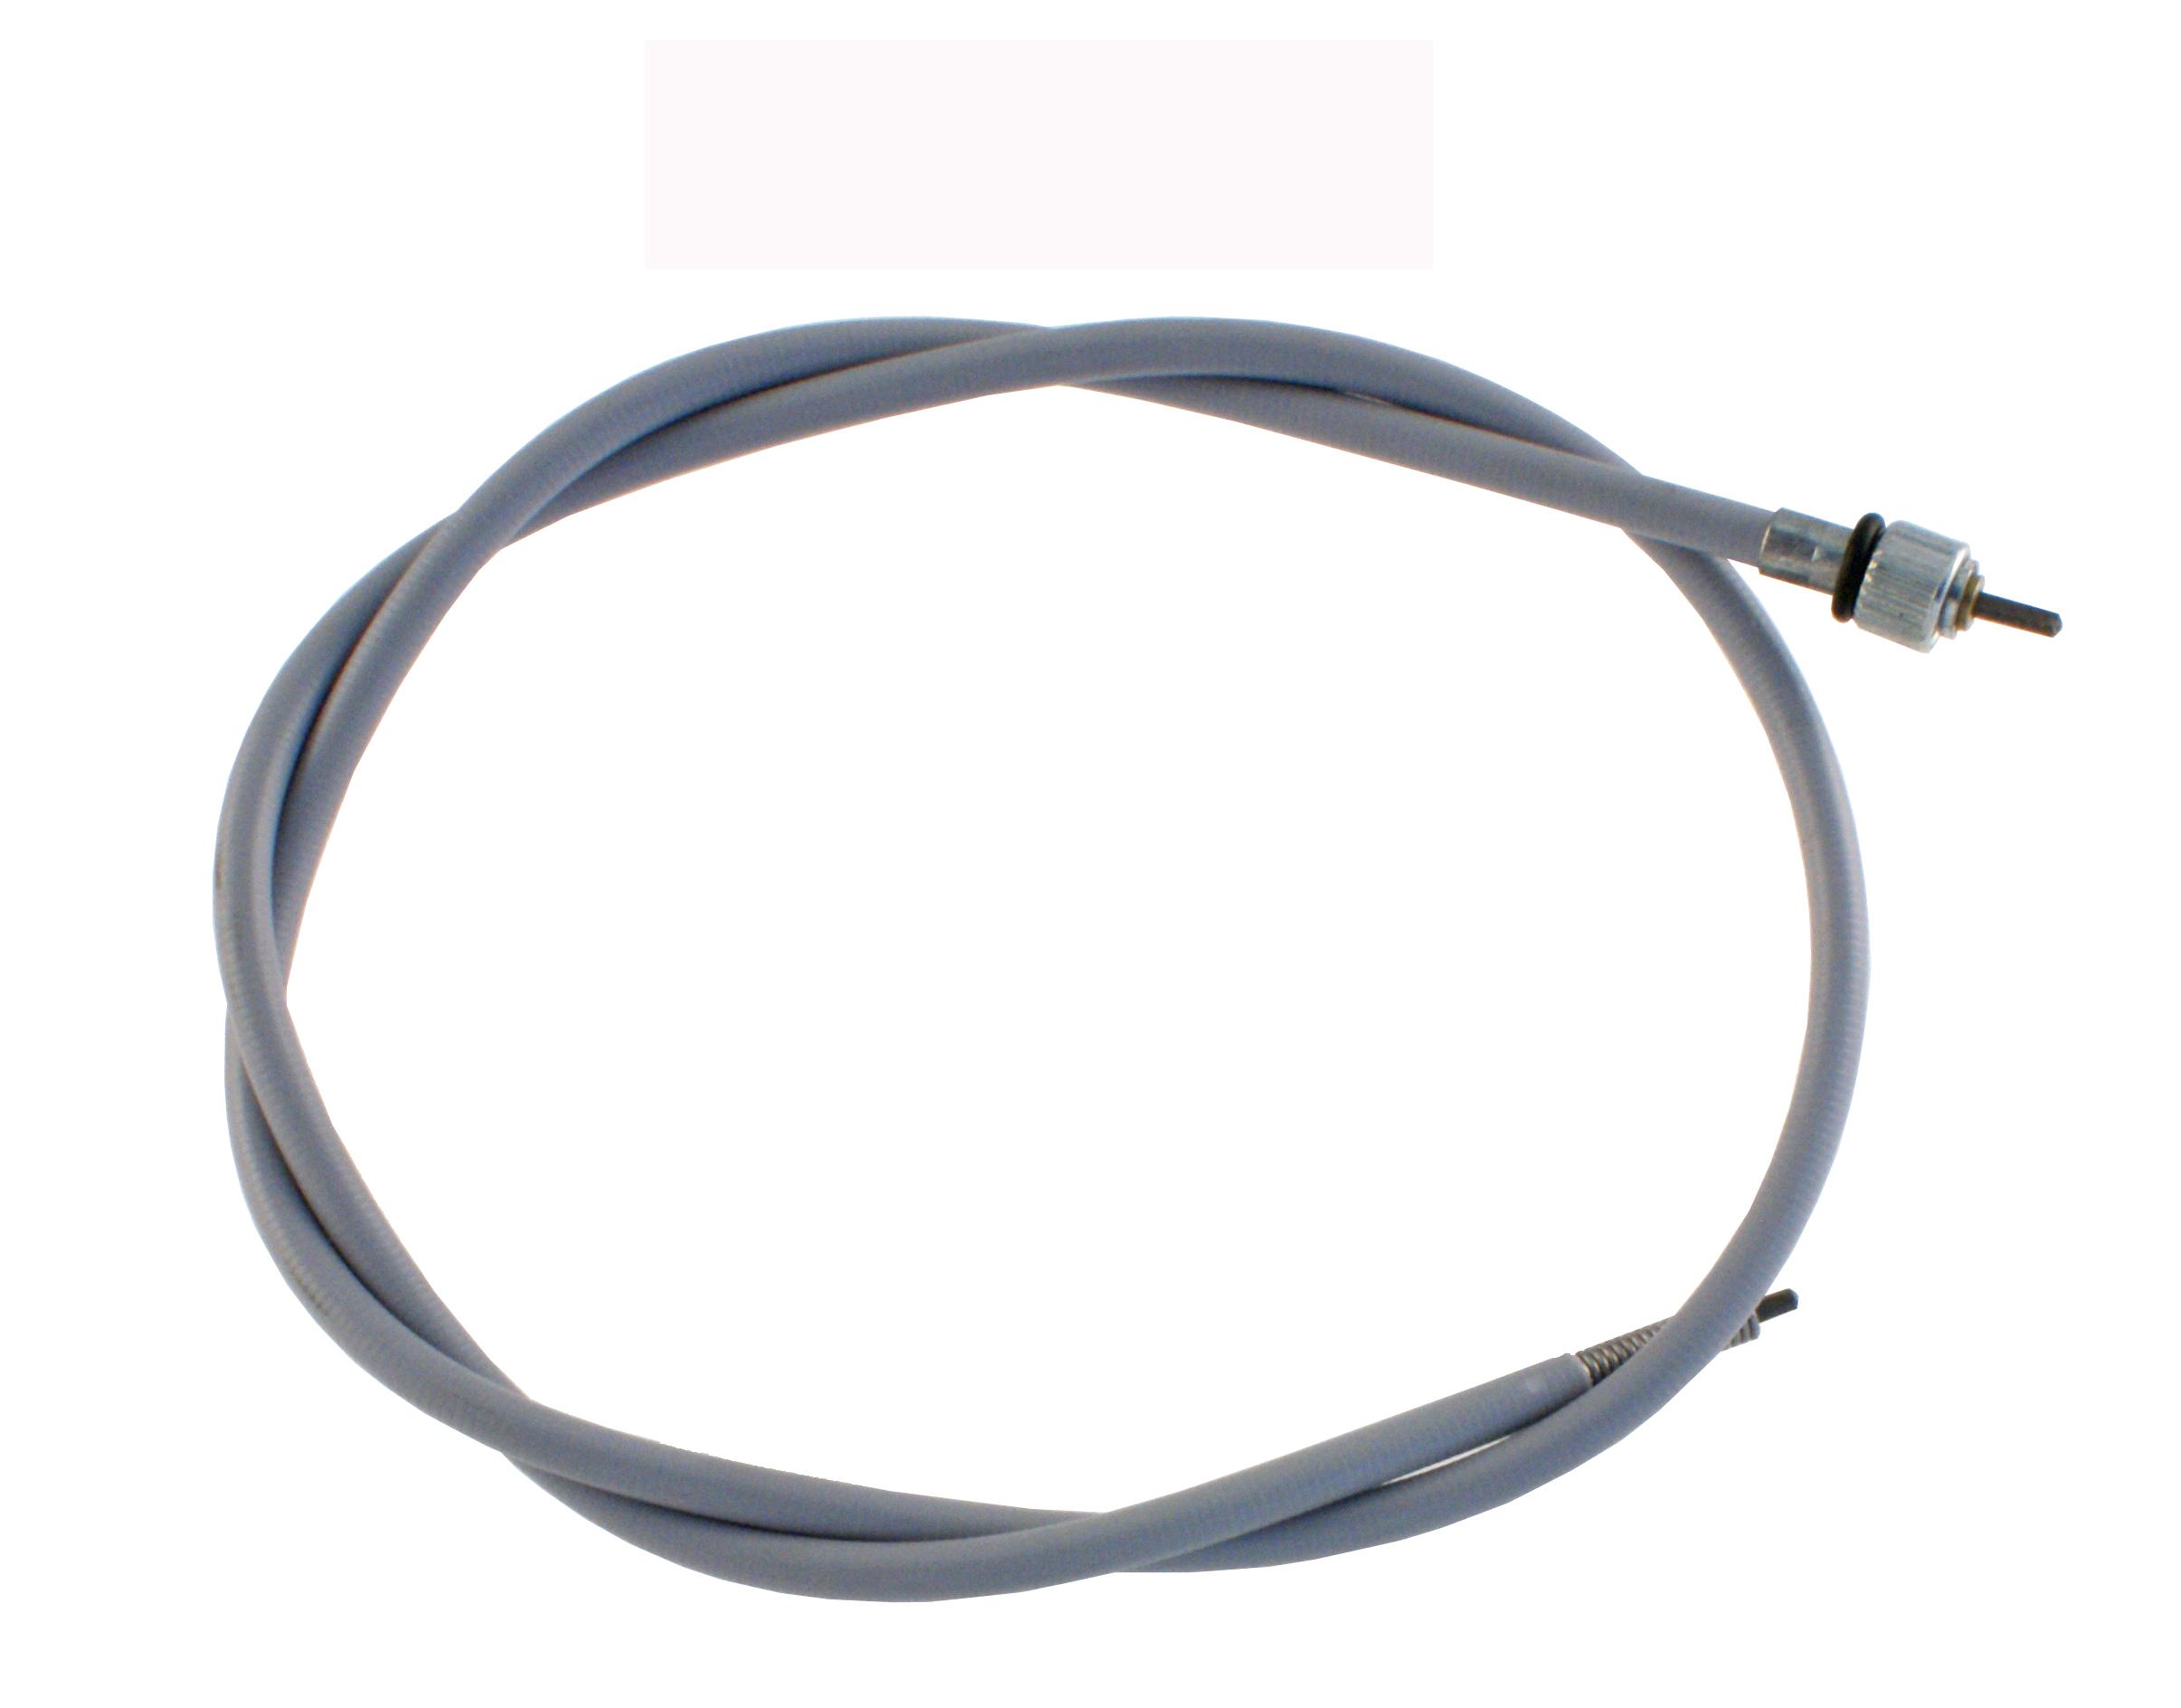 Cablu km Vespa Px arcobaleno 125-150-200-0